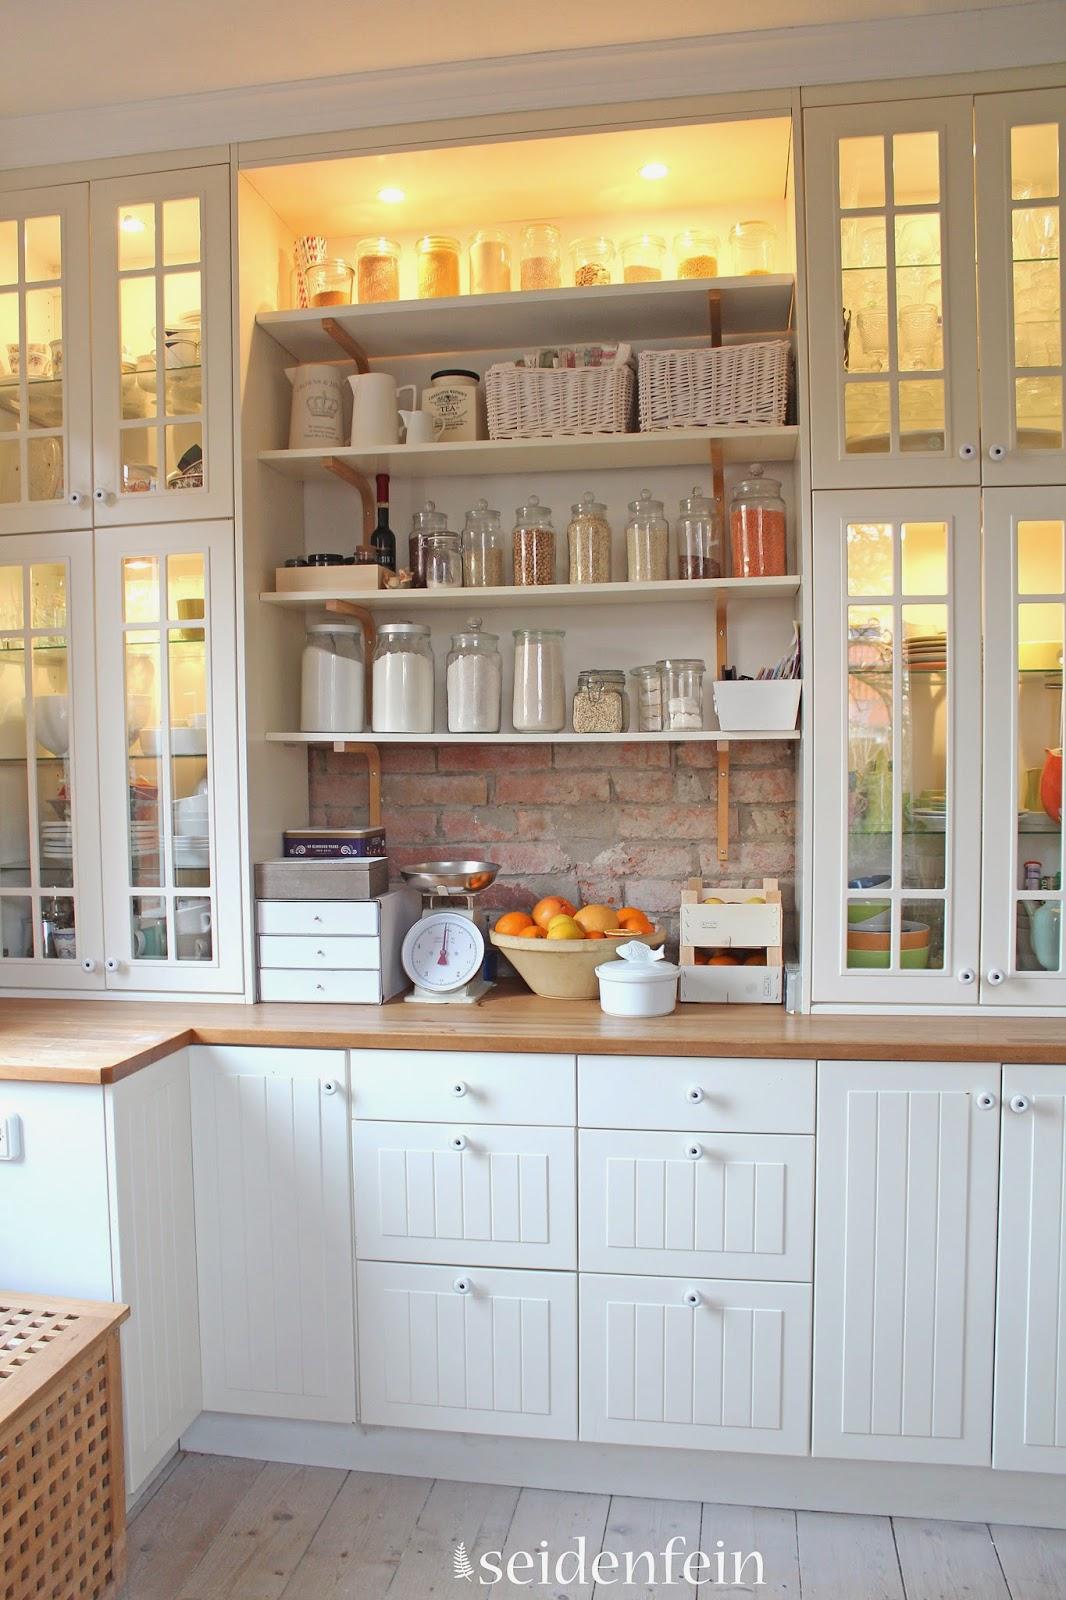 Full Size of Küche Blende Bauen Küche Sockelblende Verbinder Sockelleiste Küche Poco Befestigung Für Küche Blende Küche Küche Blende